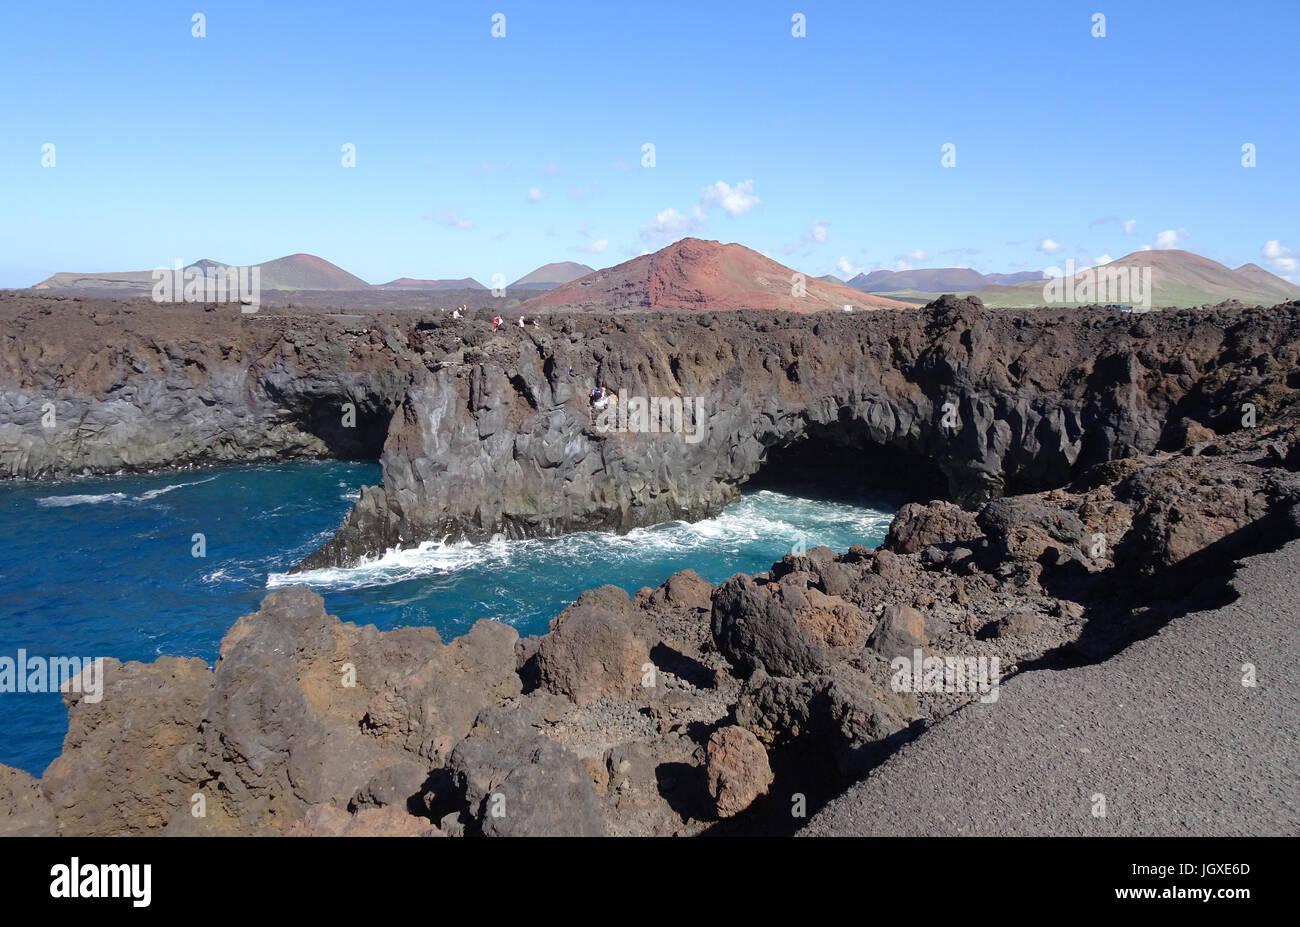 Die Felskueste Los Hervideros, dahinter die Feuerberge, Montanas del Fuego, El Golfo, Lanzarote, Kanarische Inseln, - Stock Image